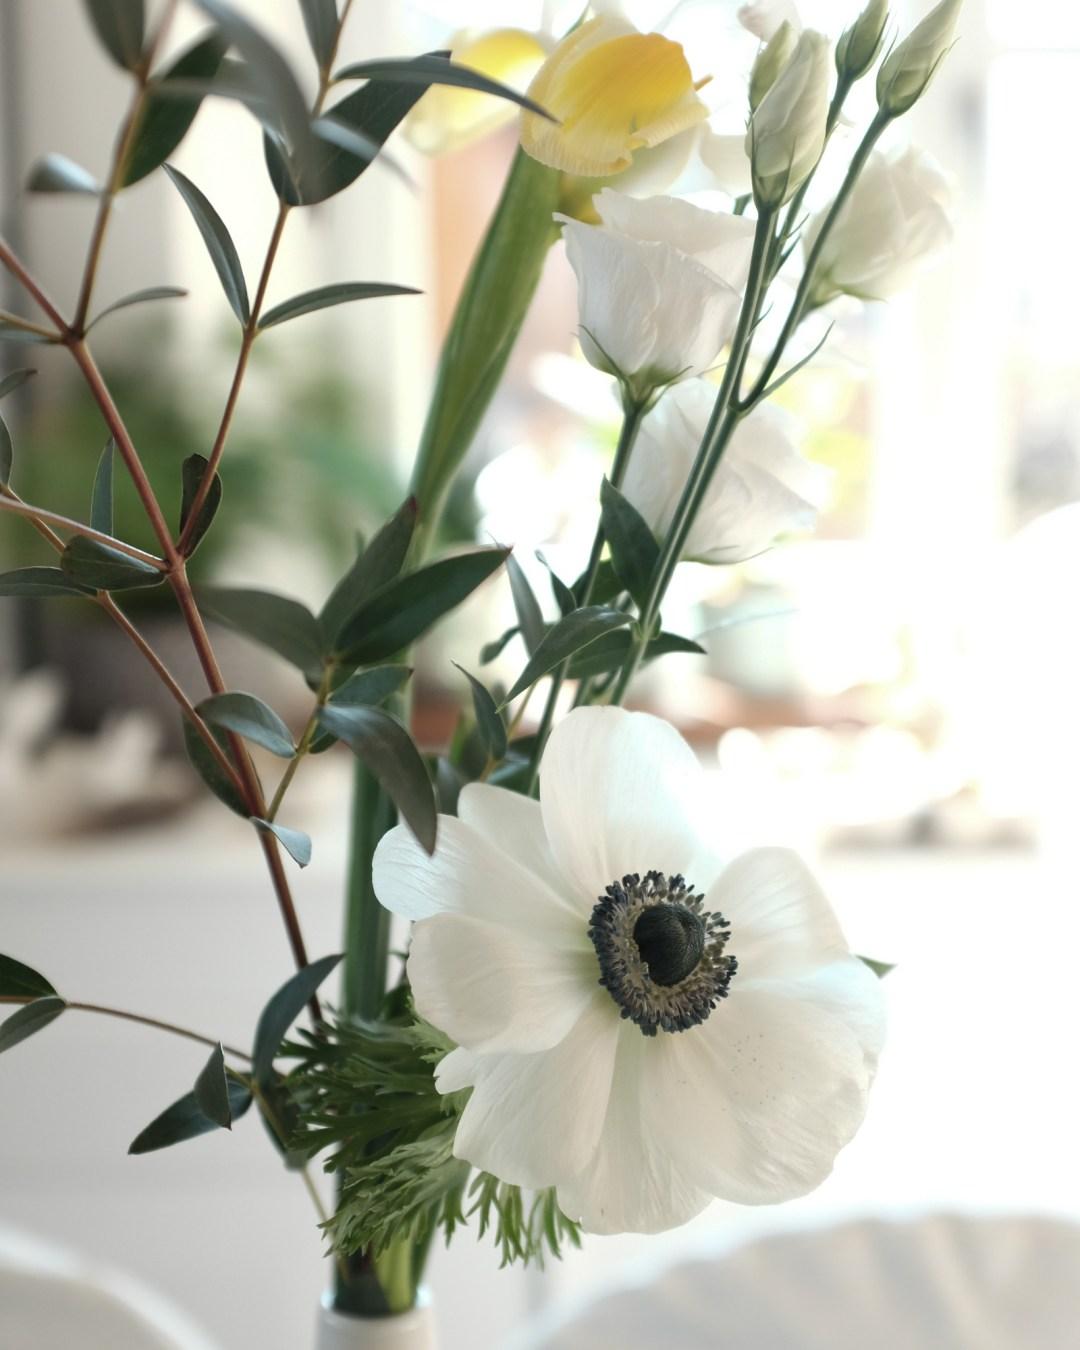 inastil, Ostertisch, Osterkaffee, Osterbrunch, Brioche, Briochehasen, Mangotörtchen, Weiße Schokomoussetörtchen, Osterrezept, Blumendekoration, Rezeptidee für Ostern-17